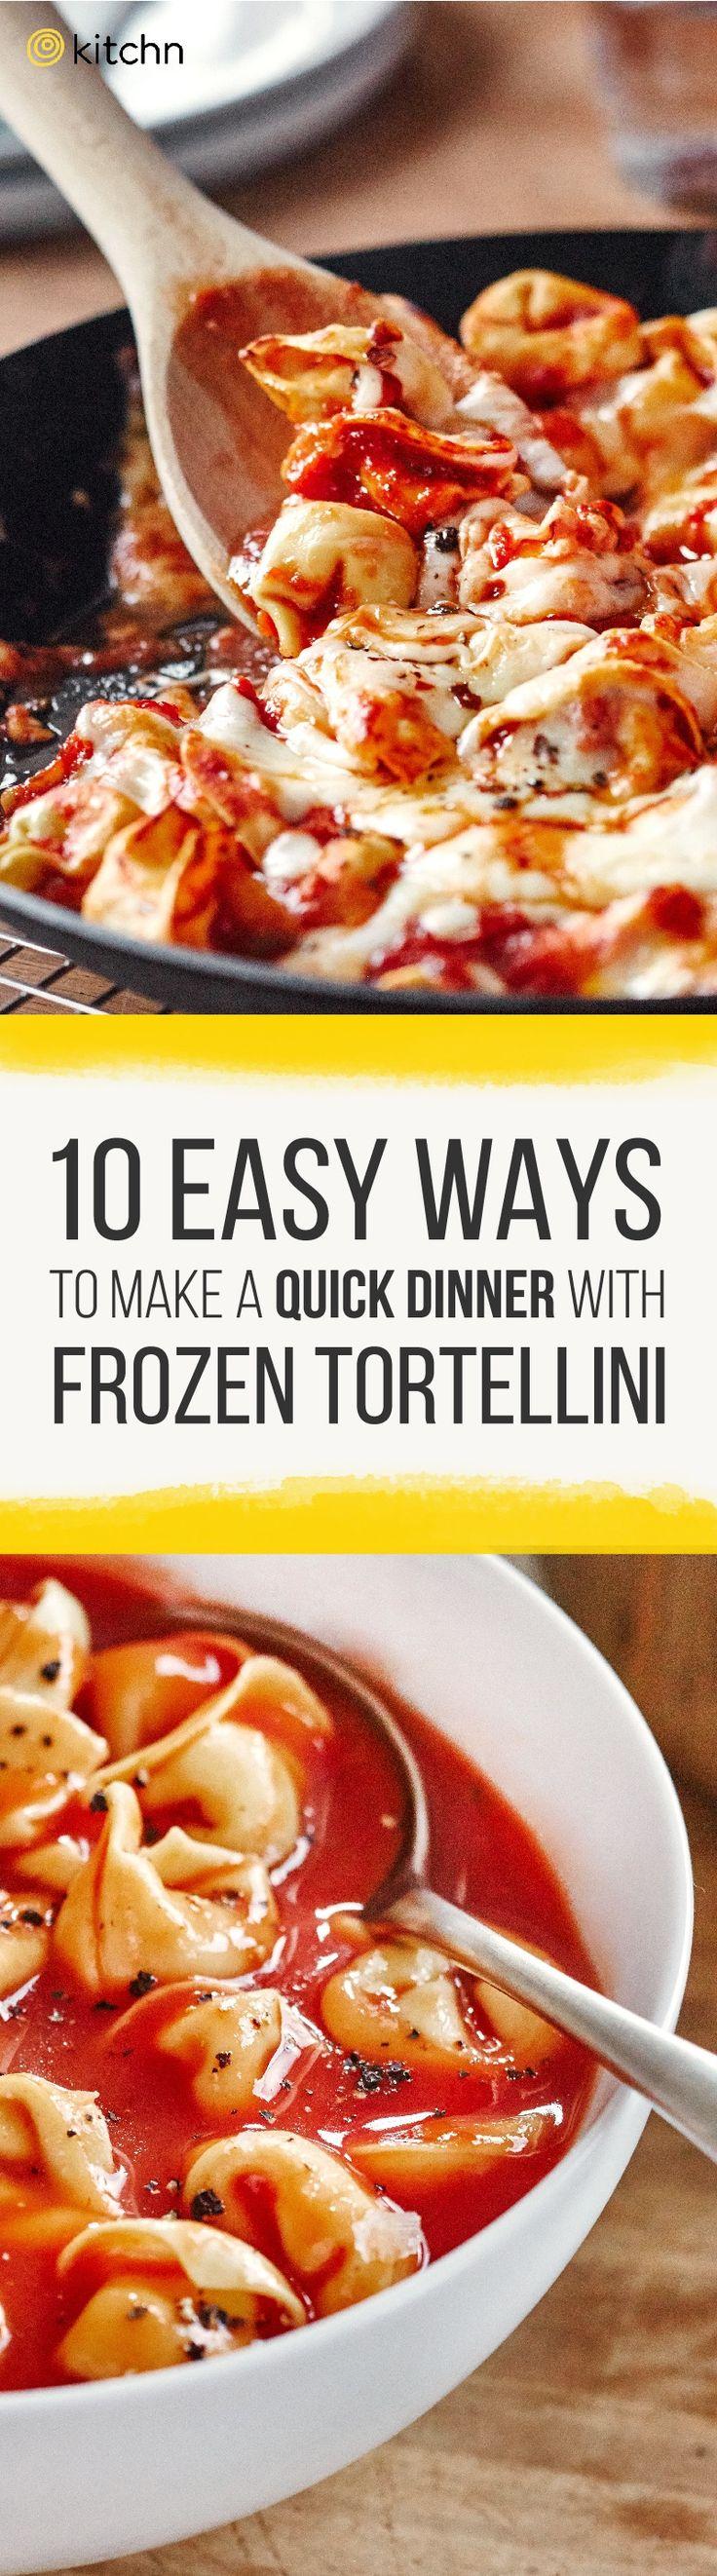 Super easy ways to make frozen tortellini differently.